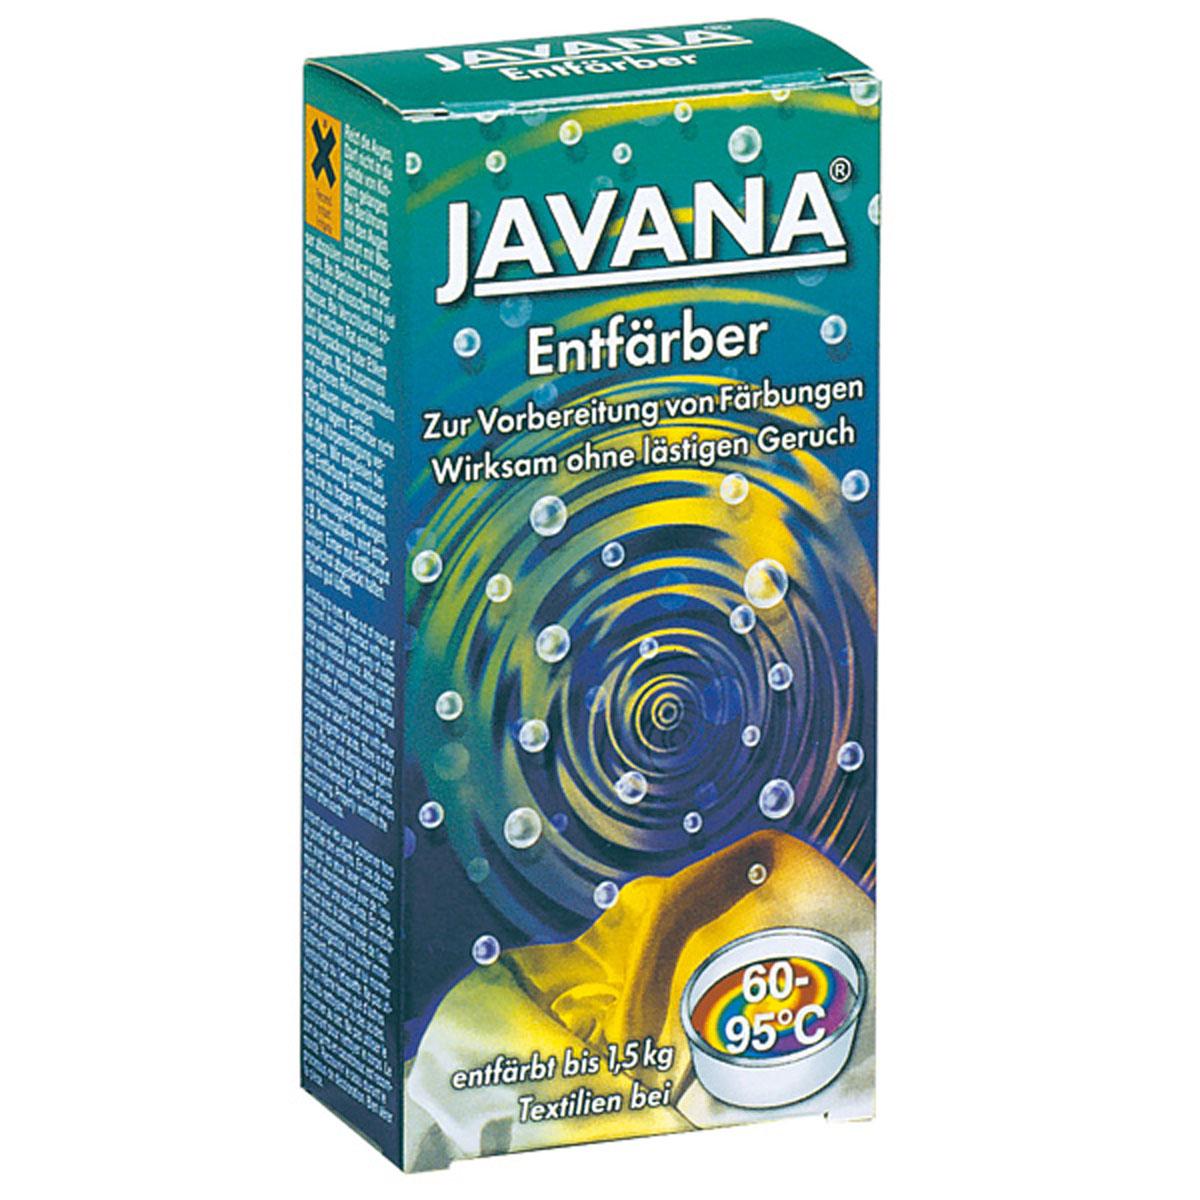 Очиститель ткани Kreul Javana Dye Remover, 75 гKR-98552Предназначен для хлопка, вискозы, льна и смешанных тканей с содержанием синтетики не более 20%. Рекомендуется для обесцвечивания тканей, окрашенных красителями, при повторной перекраске красителями. Процесс обесцвечивания проводится при температуре 60-95 °C. Не имеет неприятного запаха. Упаковка содержит 75мл продукта, которого достаточно для высокоэффективного обесцвечивания около 1,5 кг ткани.